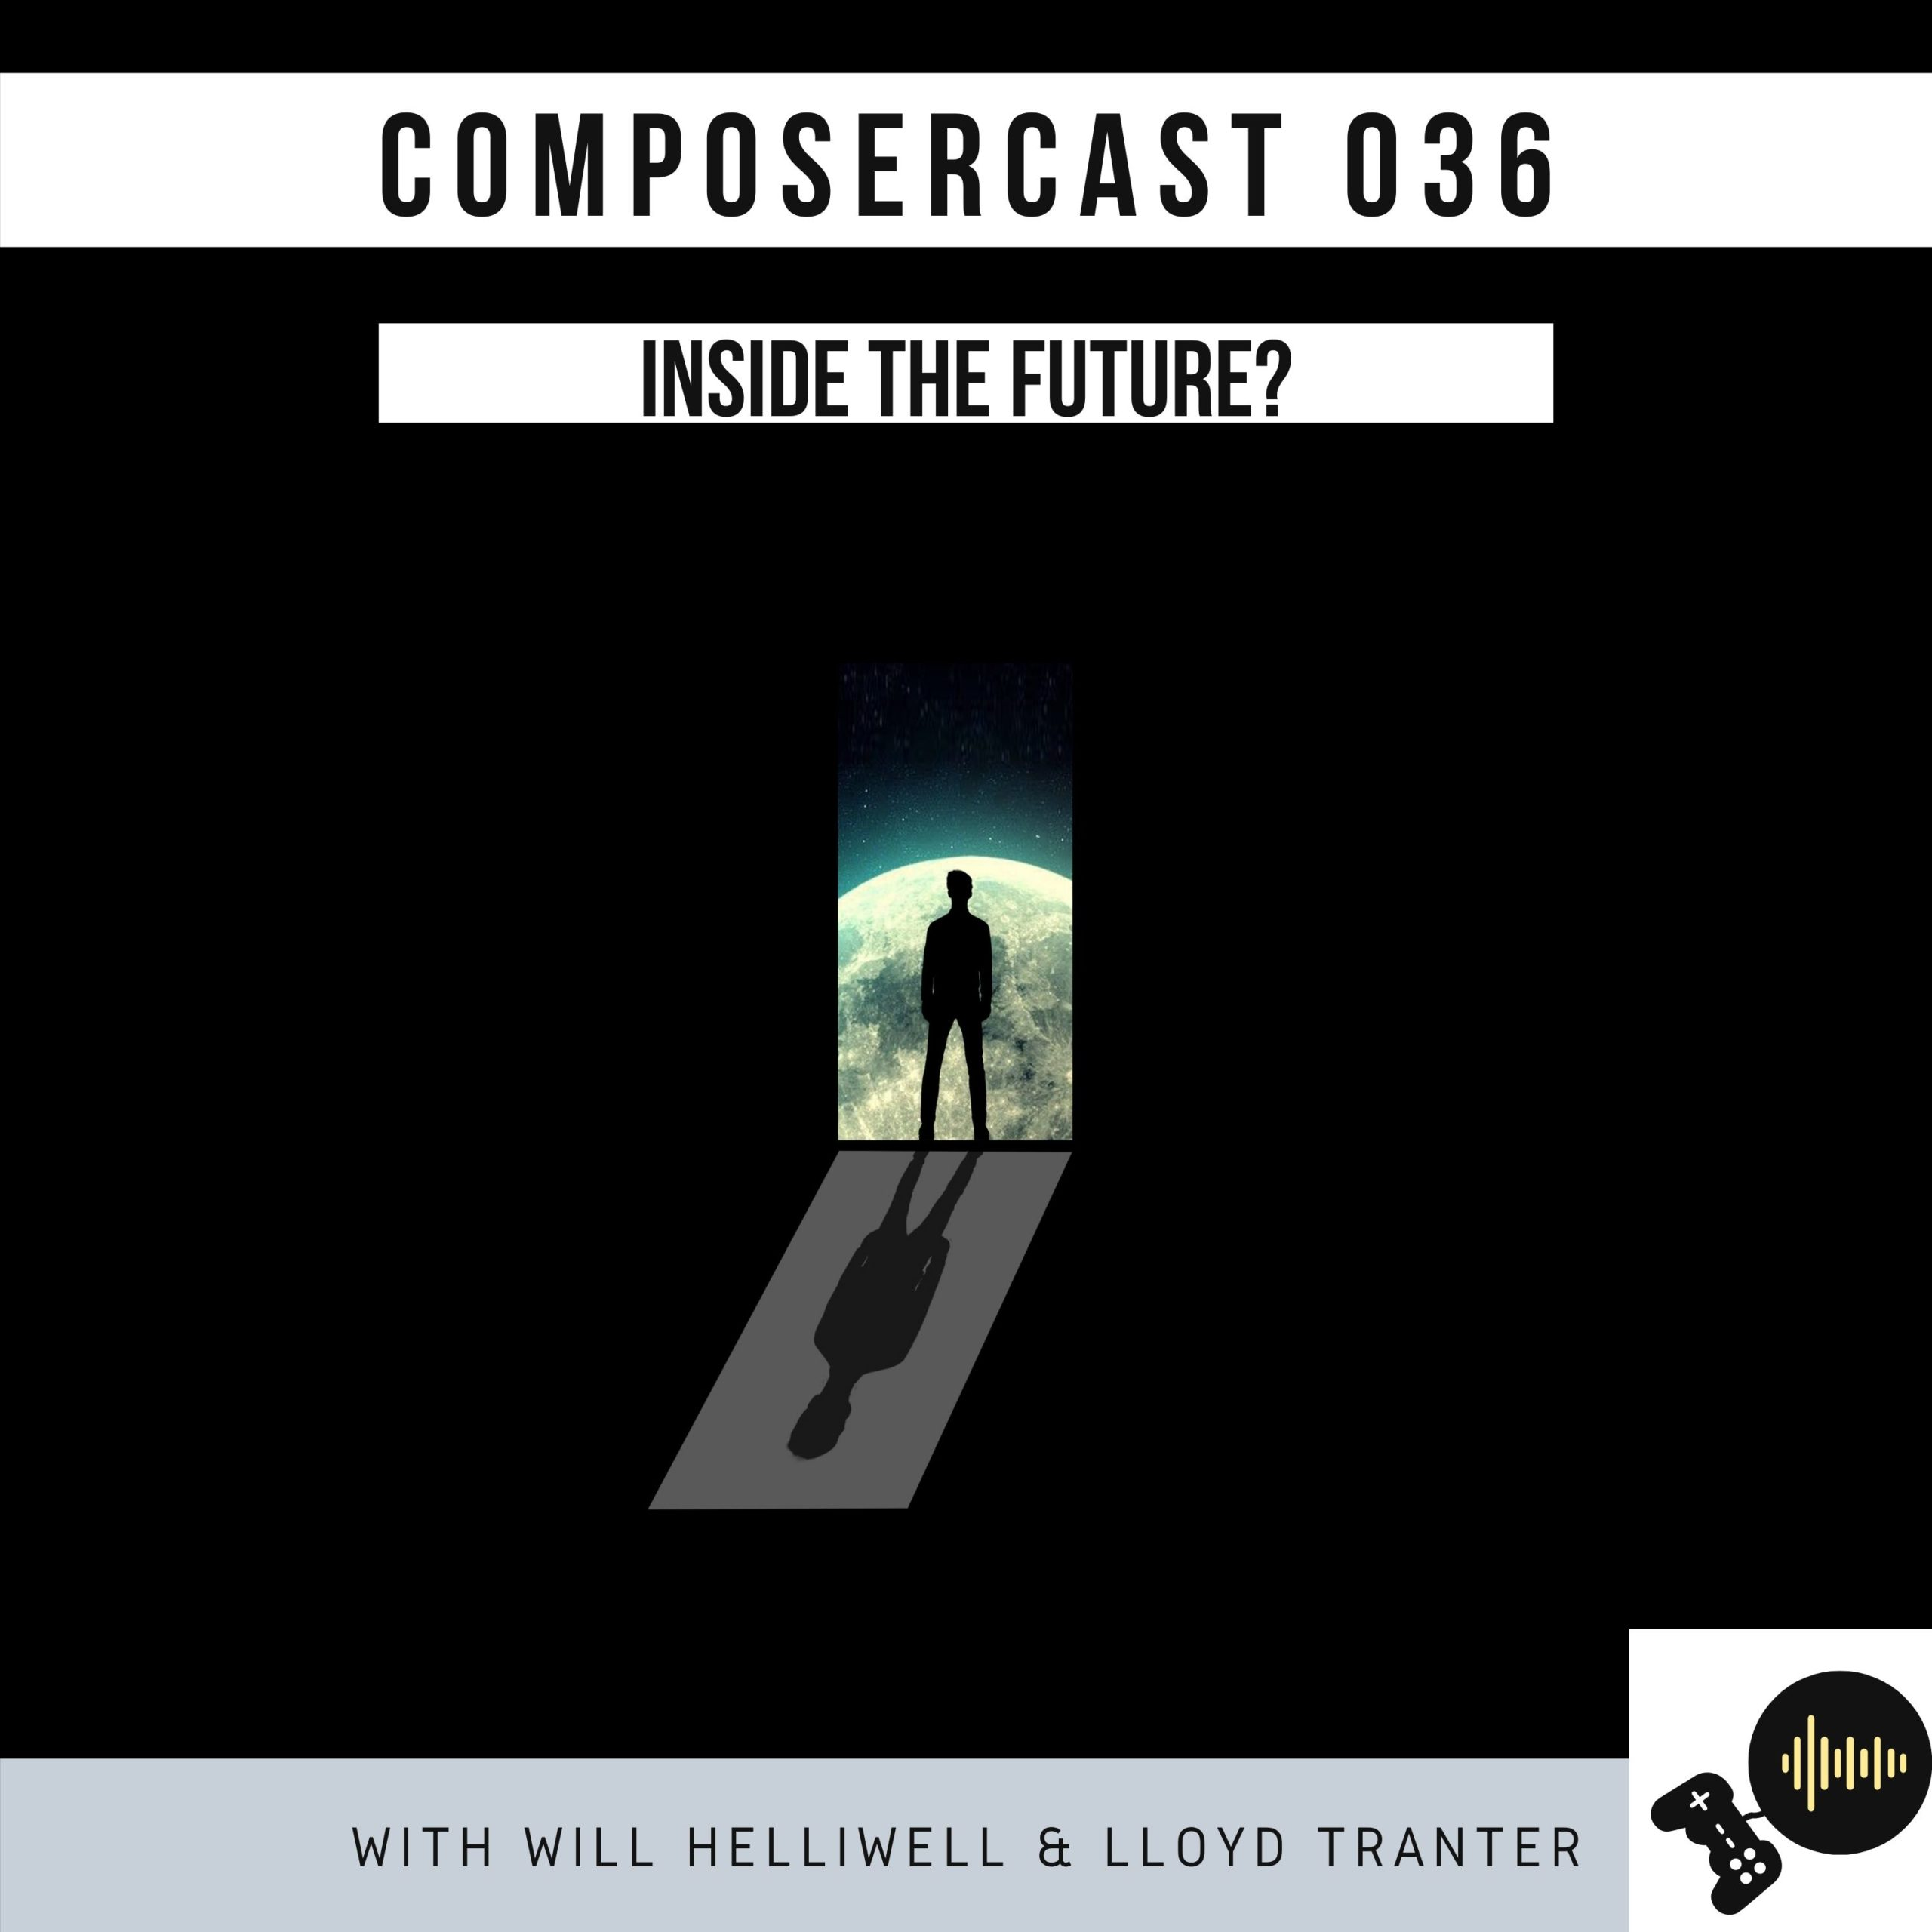 ComposerCast 036